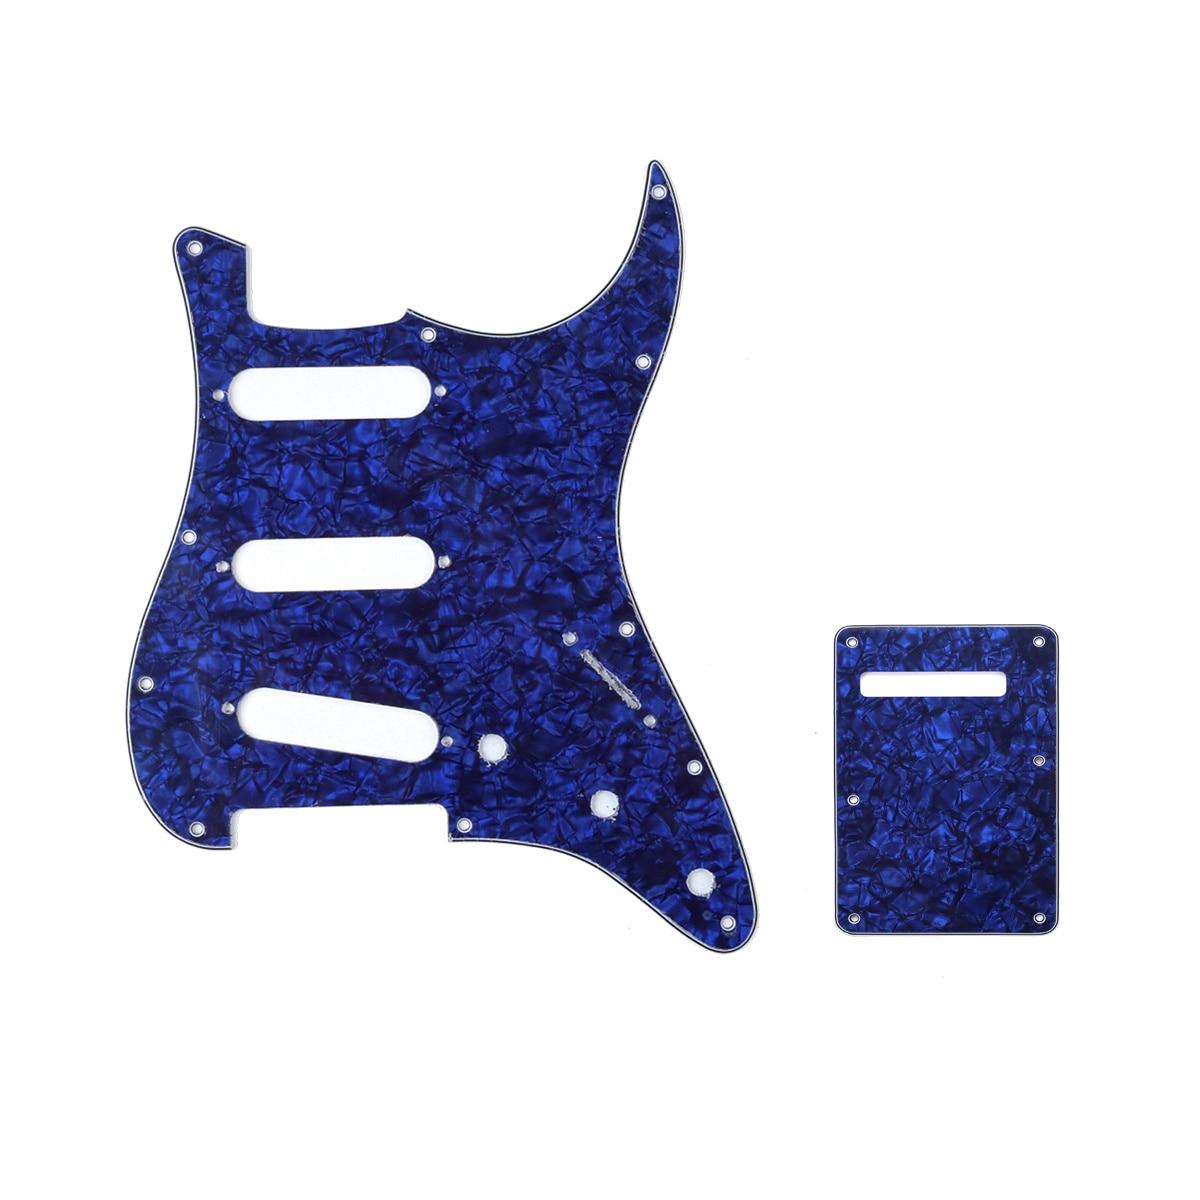 Juego de carcaza y placa trasera de guitarra Strat SSS de 11...